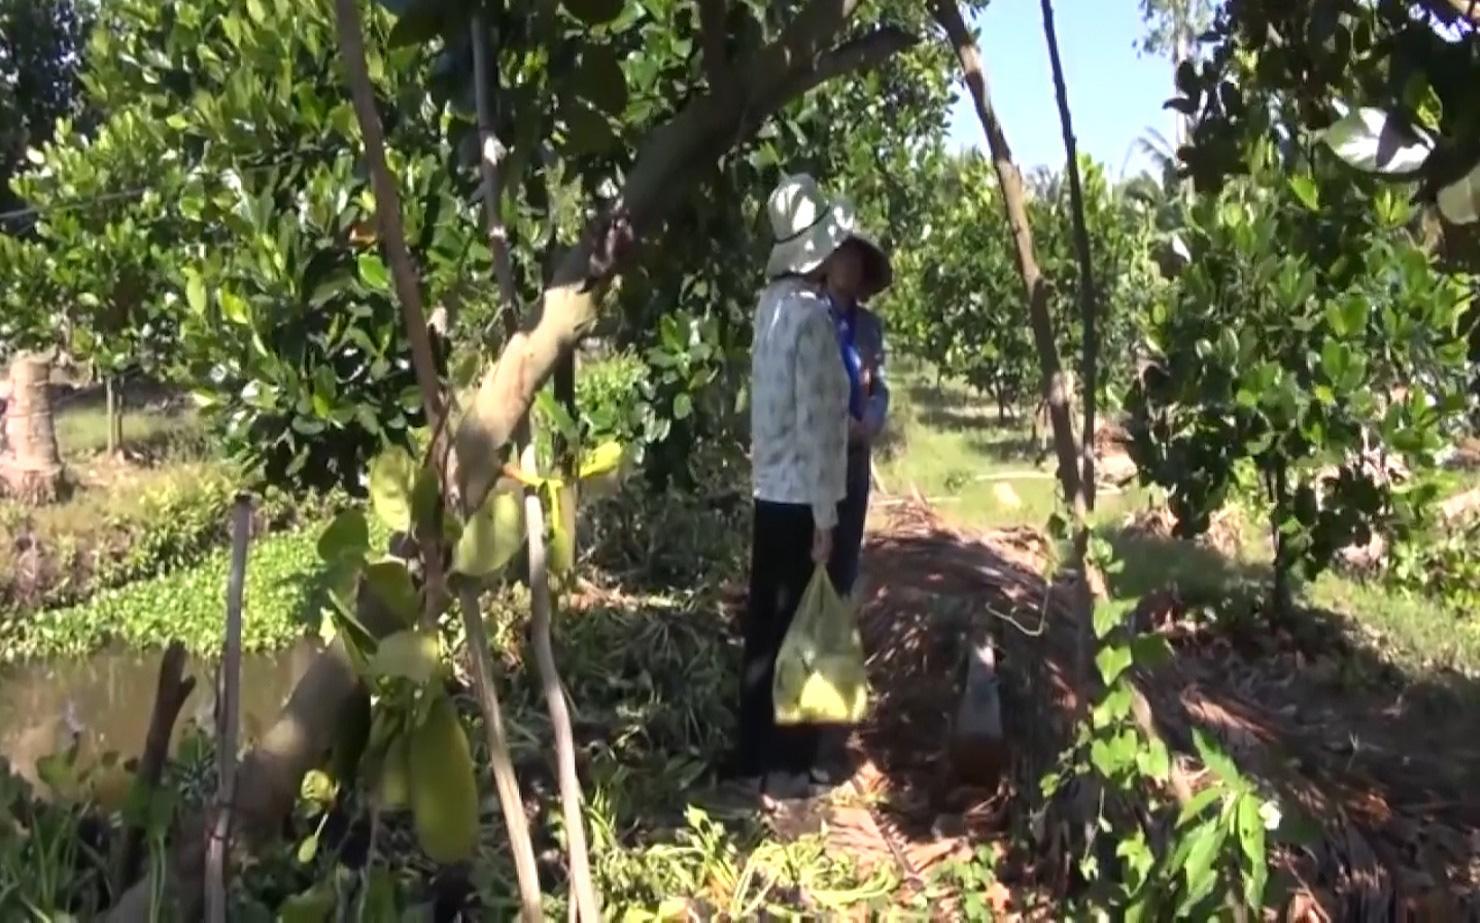 An Giang: Chuyển đổi trồng mít Thái siêu sớm, nhiều nông dân Tân Châu thoát nghèo, ổn định cuộc sống - Ảnh 4.